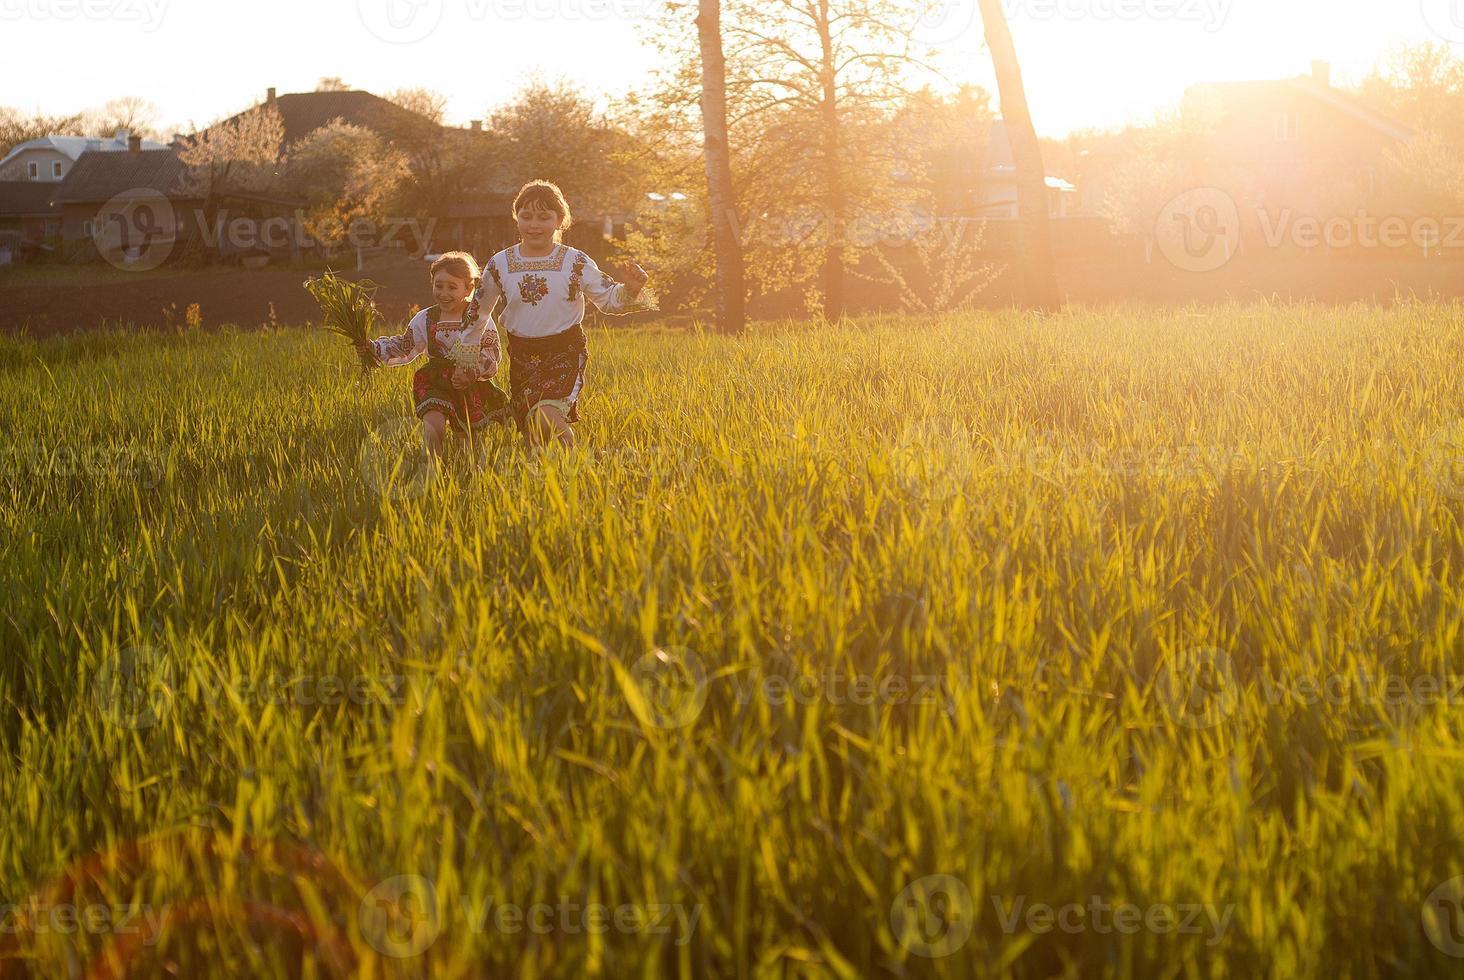 deux, petites filles, courant, dans, herbe haute, champ photo